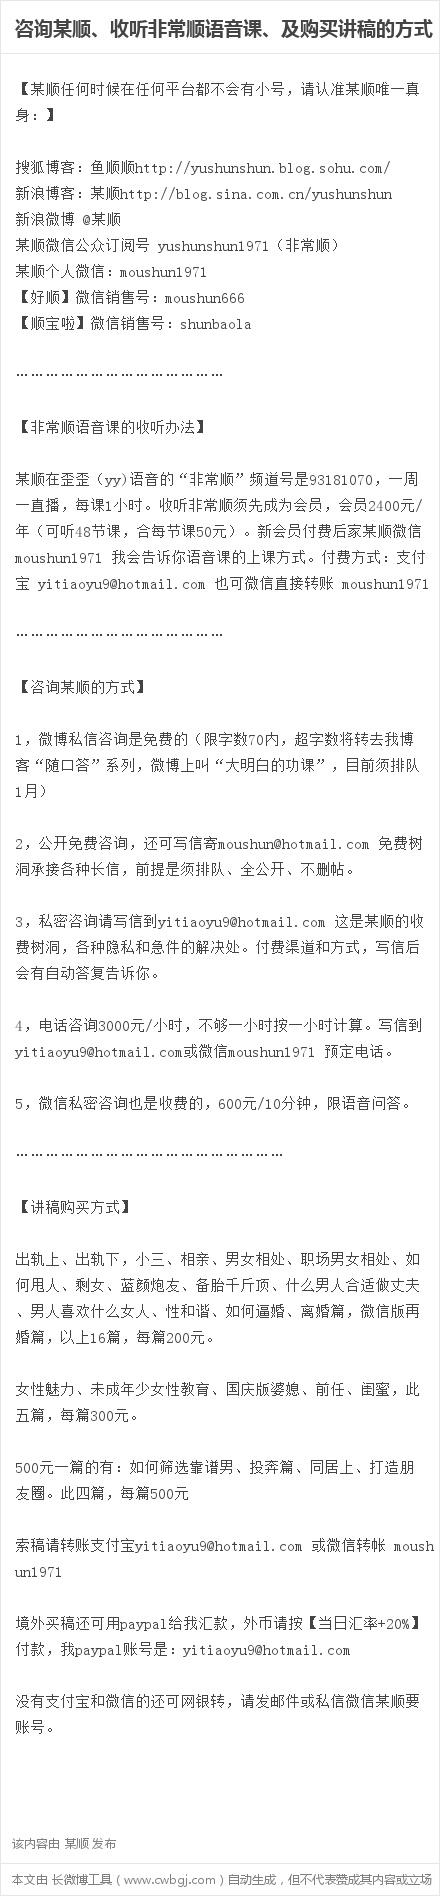 顺口答二三零七 - yushunshun - 鱼顺顺的博客